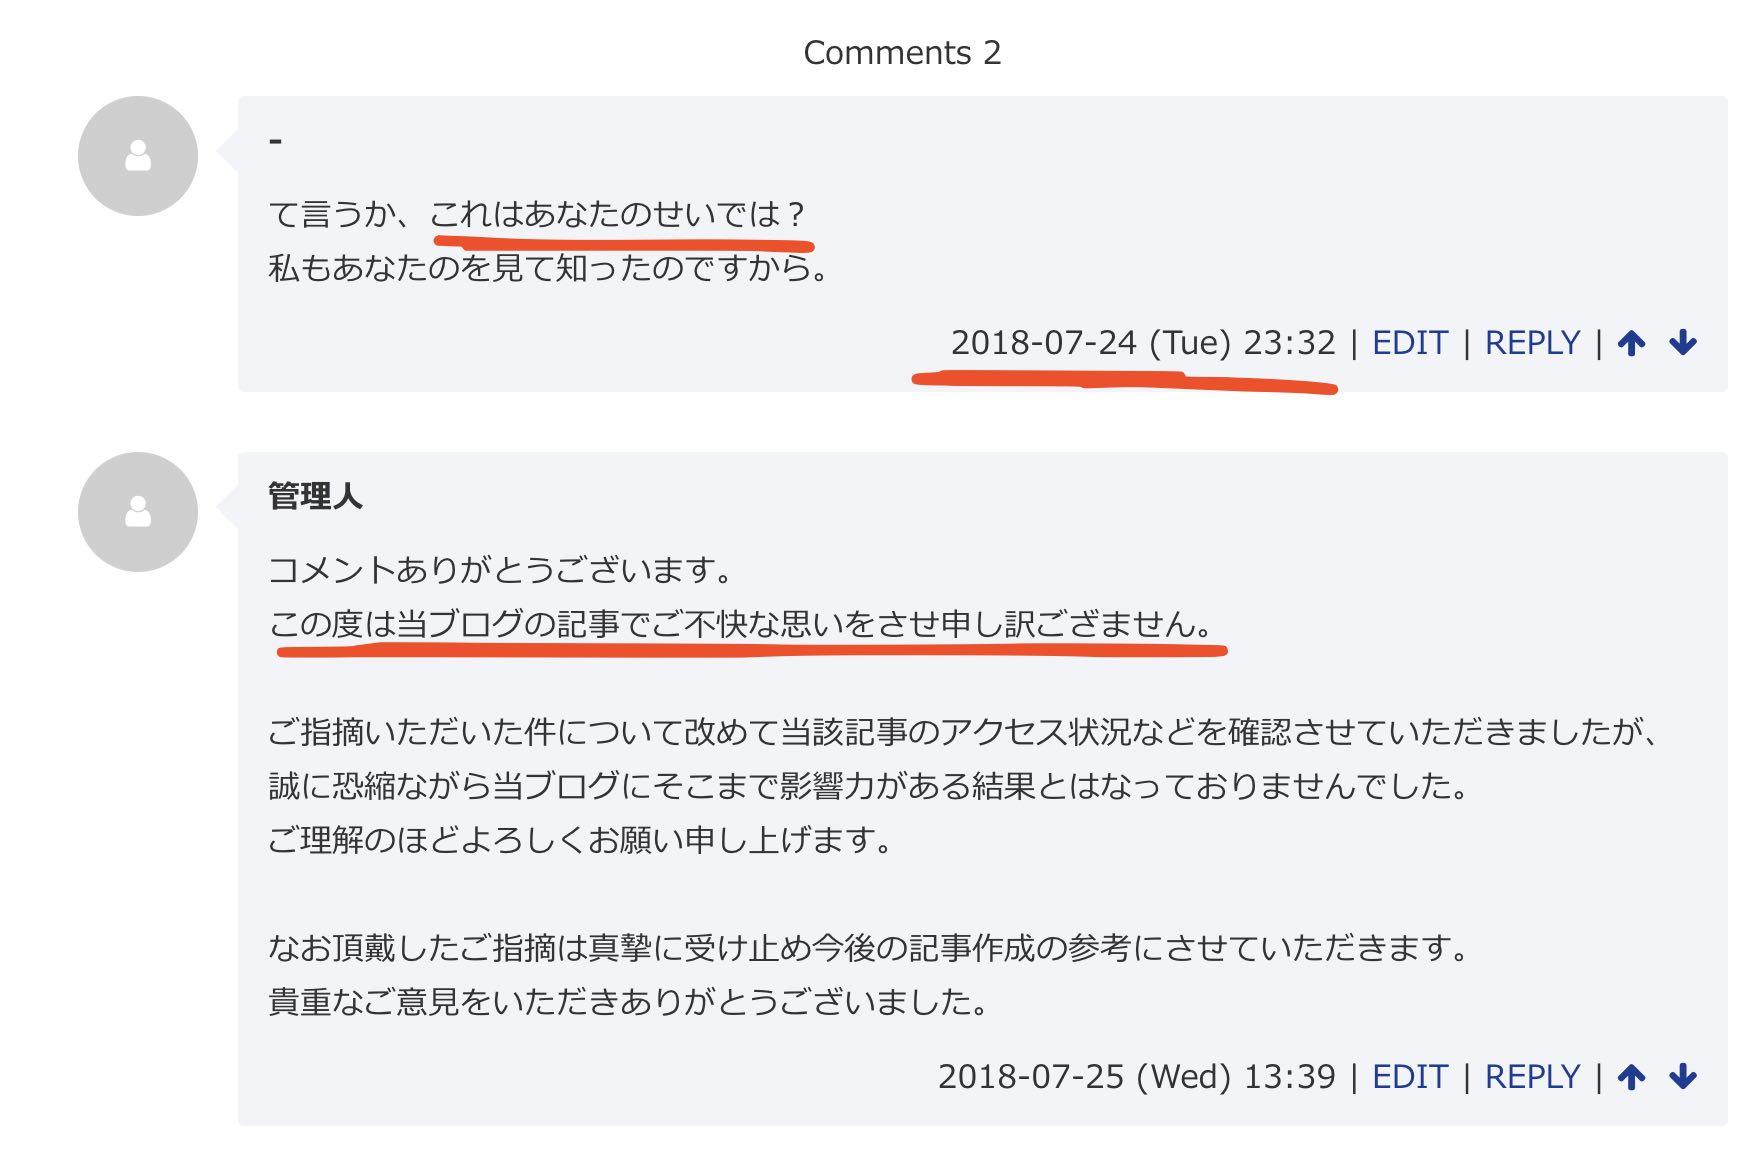 富樫麗加選手という競艇選手(女子ボートレース)がTwitterをやめた原因?情報が見つからない。